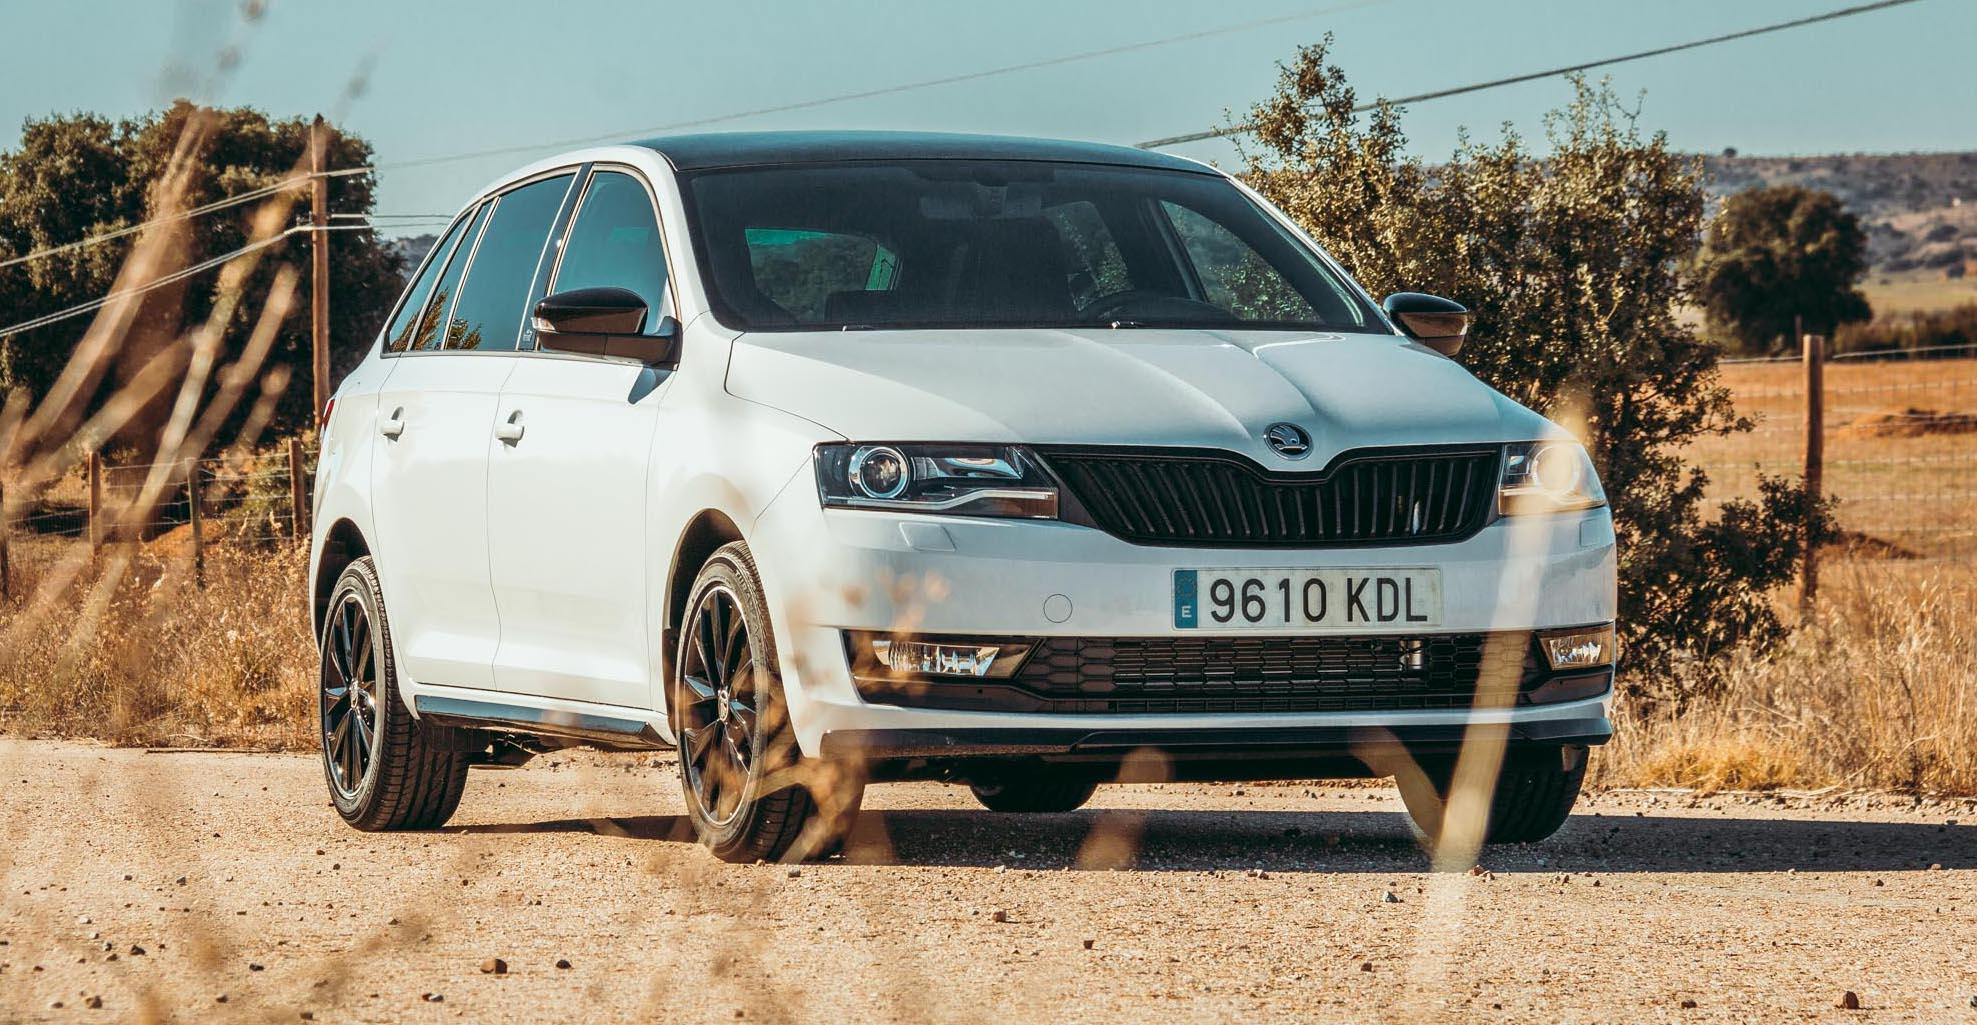 Prueba Škoda Spaceback Monte Carlo 1.4 TSI DSG 125 CV: La propuesta deportiva y más juvenil de la marca